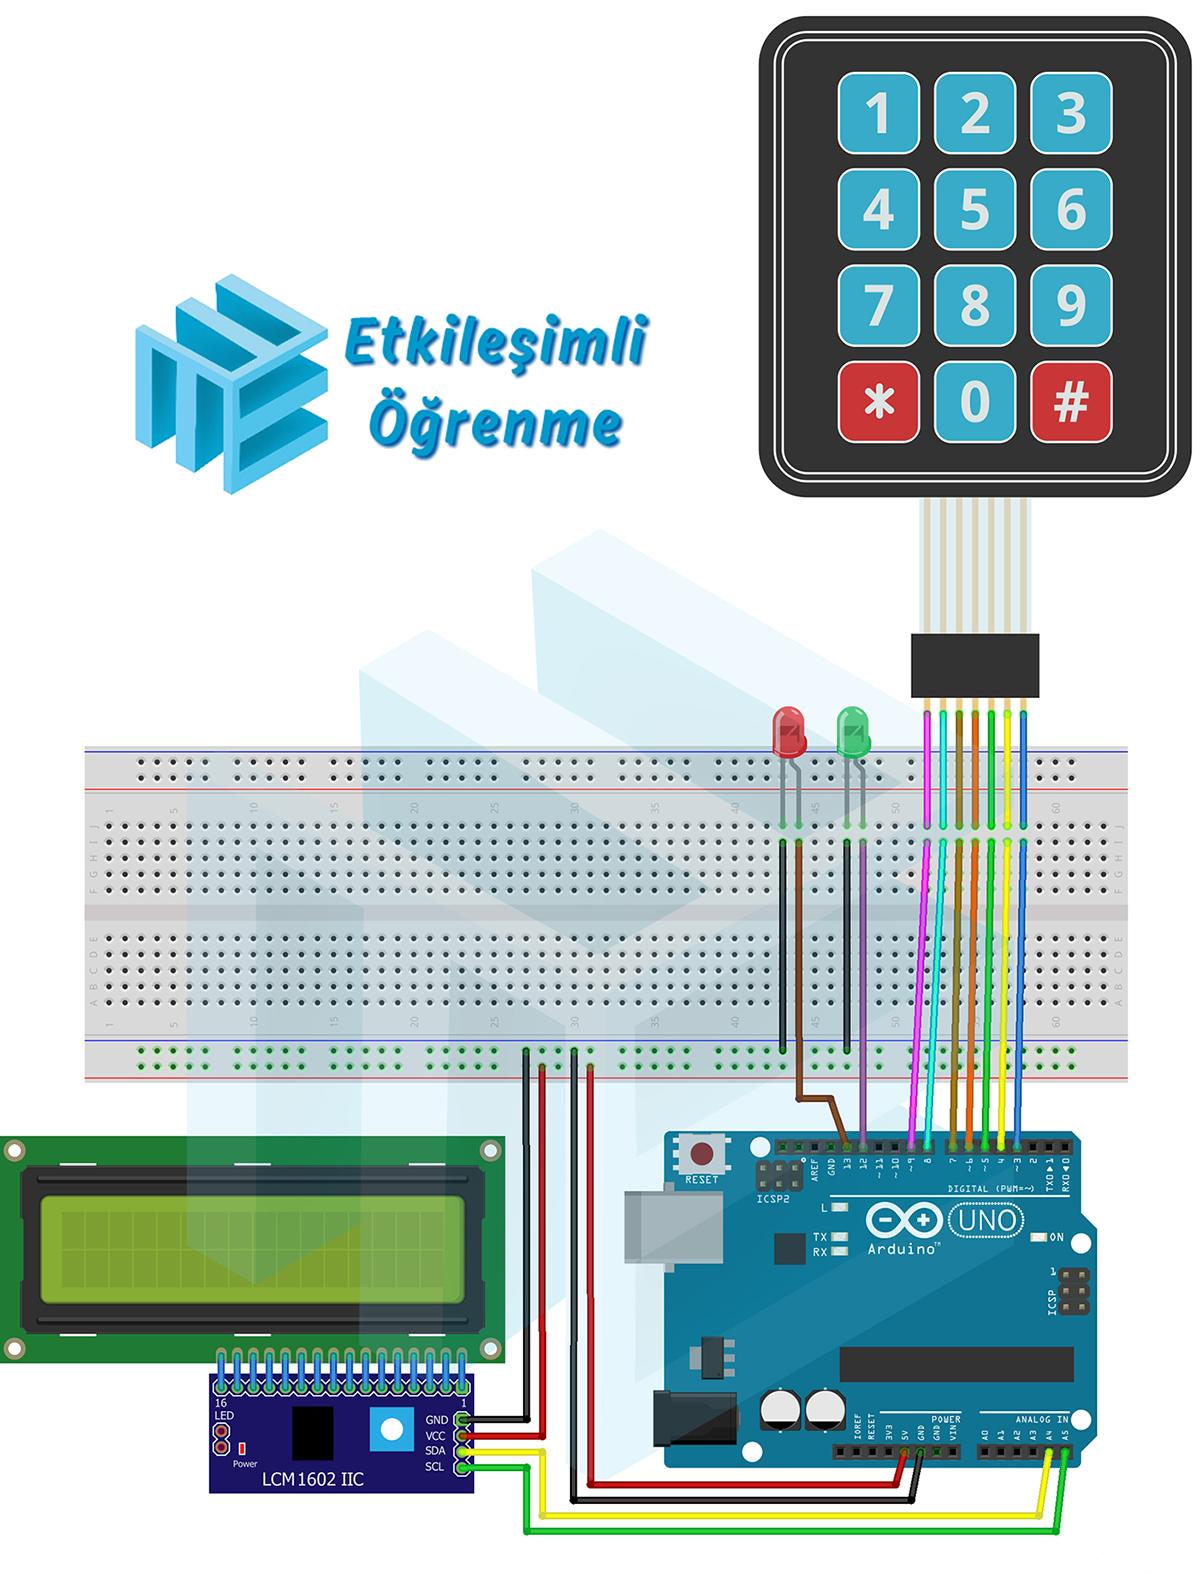 3x4 Membran Tuş Takımı ve LCD Kulllanımı (Şifre onayı)